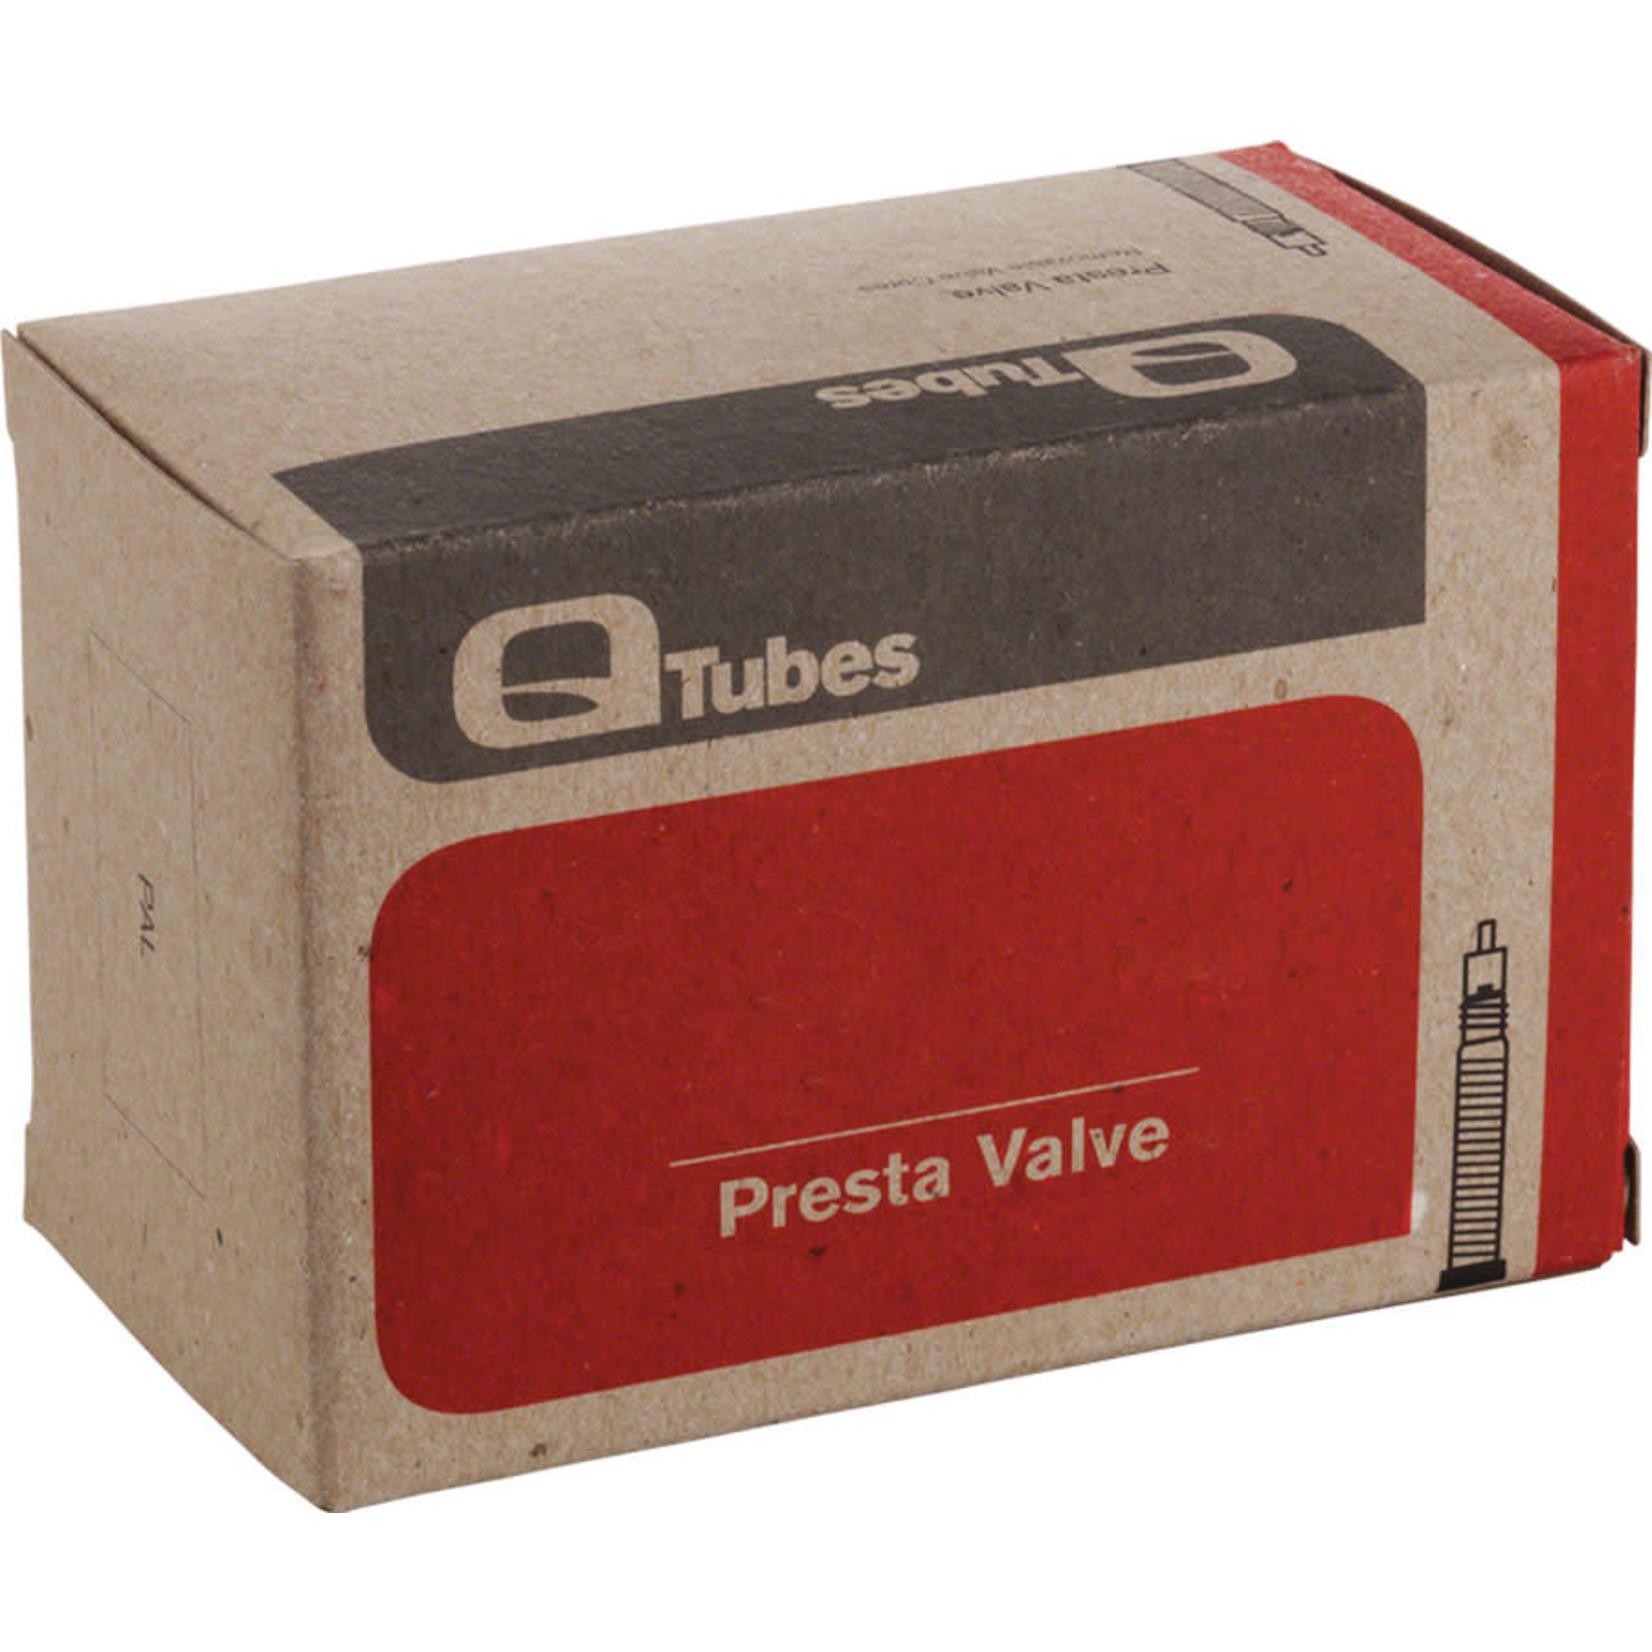 Q-Tubes Q-Tubes 20 x 1.5-1.75 32mm Presta Valve Tube 118g